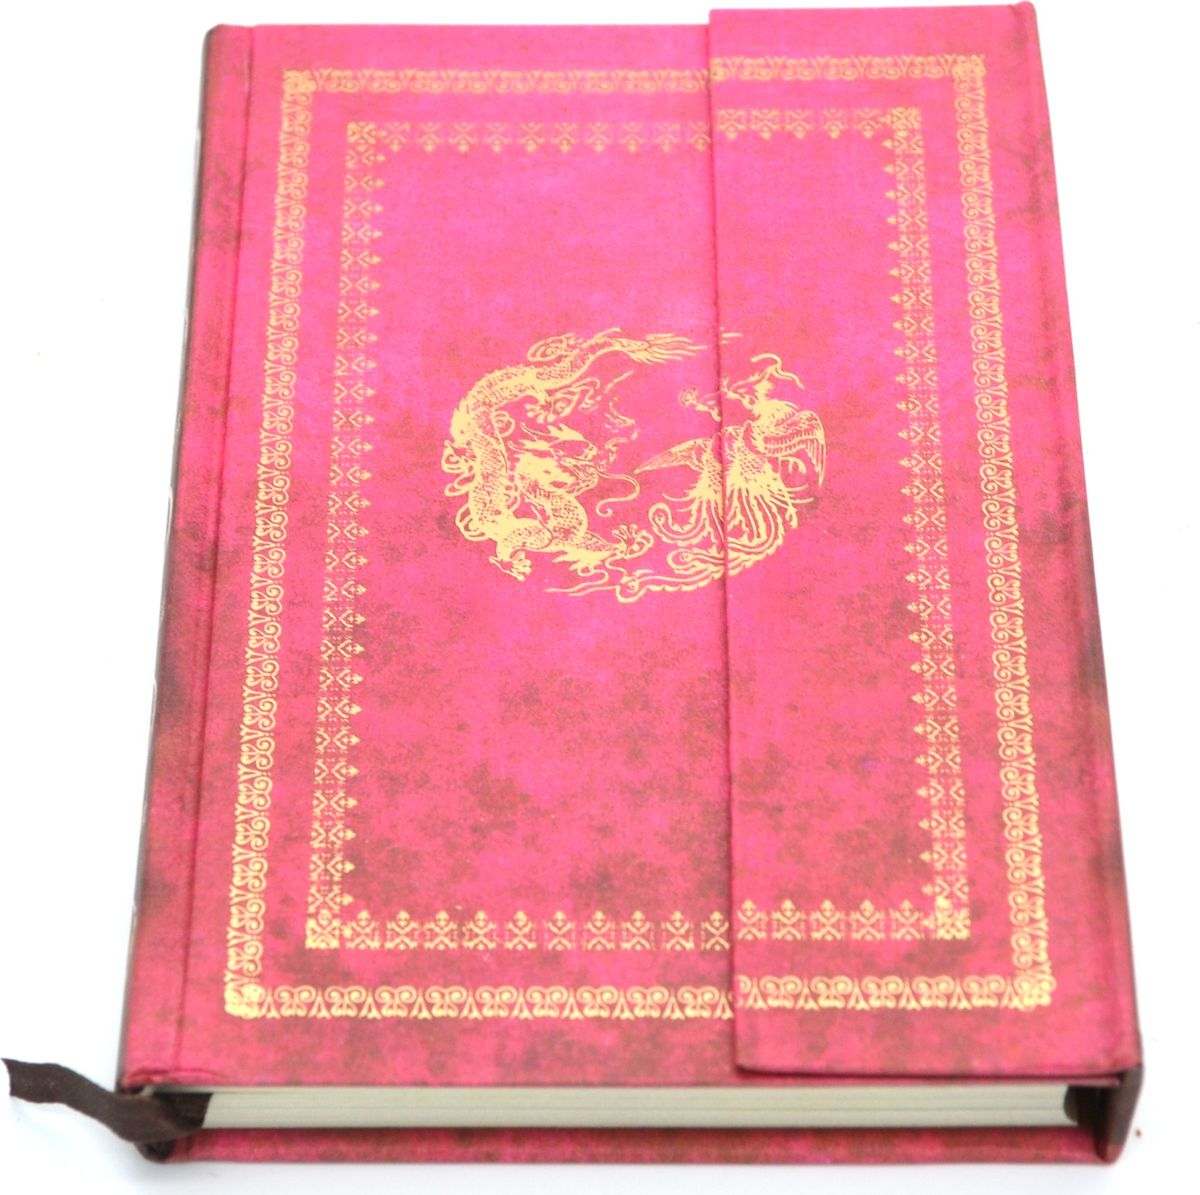 Карамба Блокнот на магните 98 листов цвет розовый карамба блокнот fruit цвет красный 144 листа